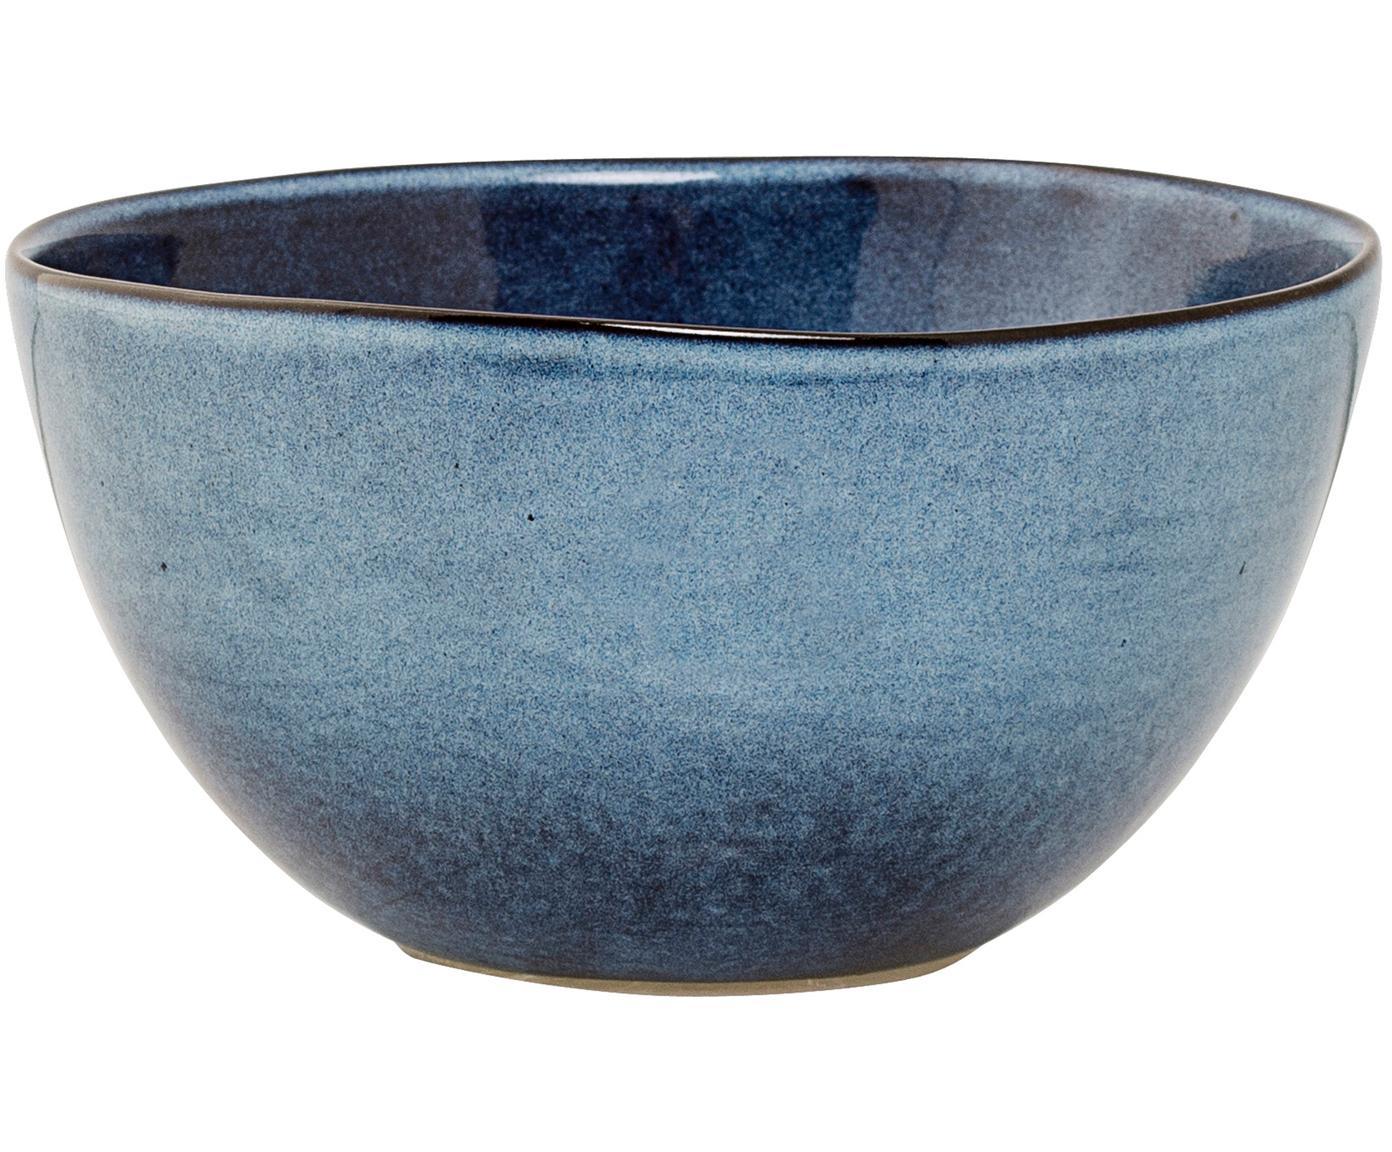 Handgemachte Schälchen Sandrine in Blau, 6 Stück, Keramik, Blautöne, Ø 15 x H 8 cm